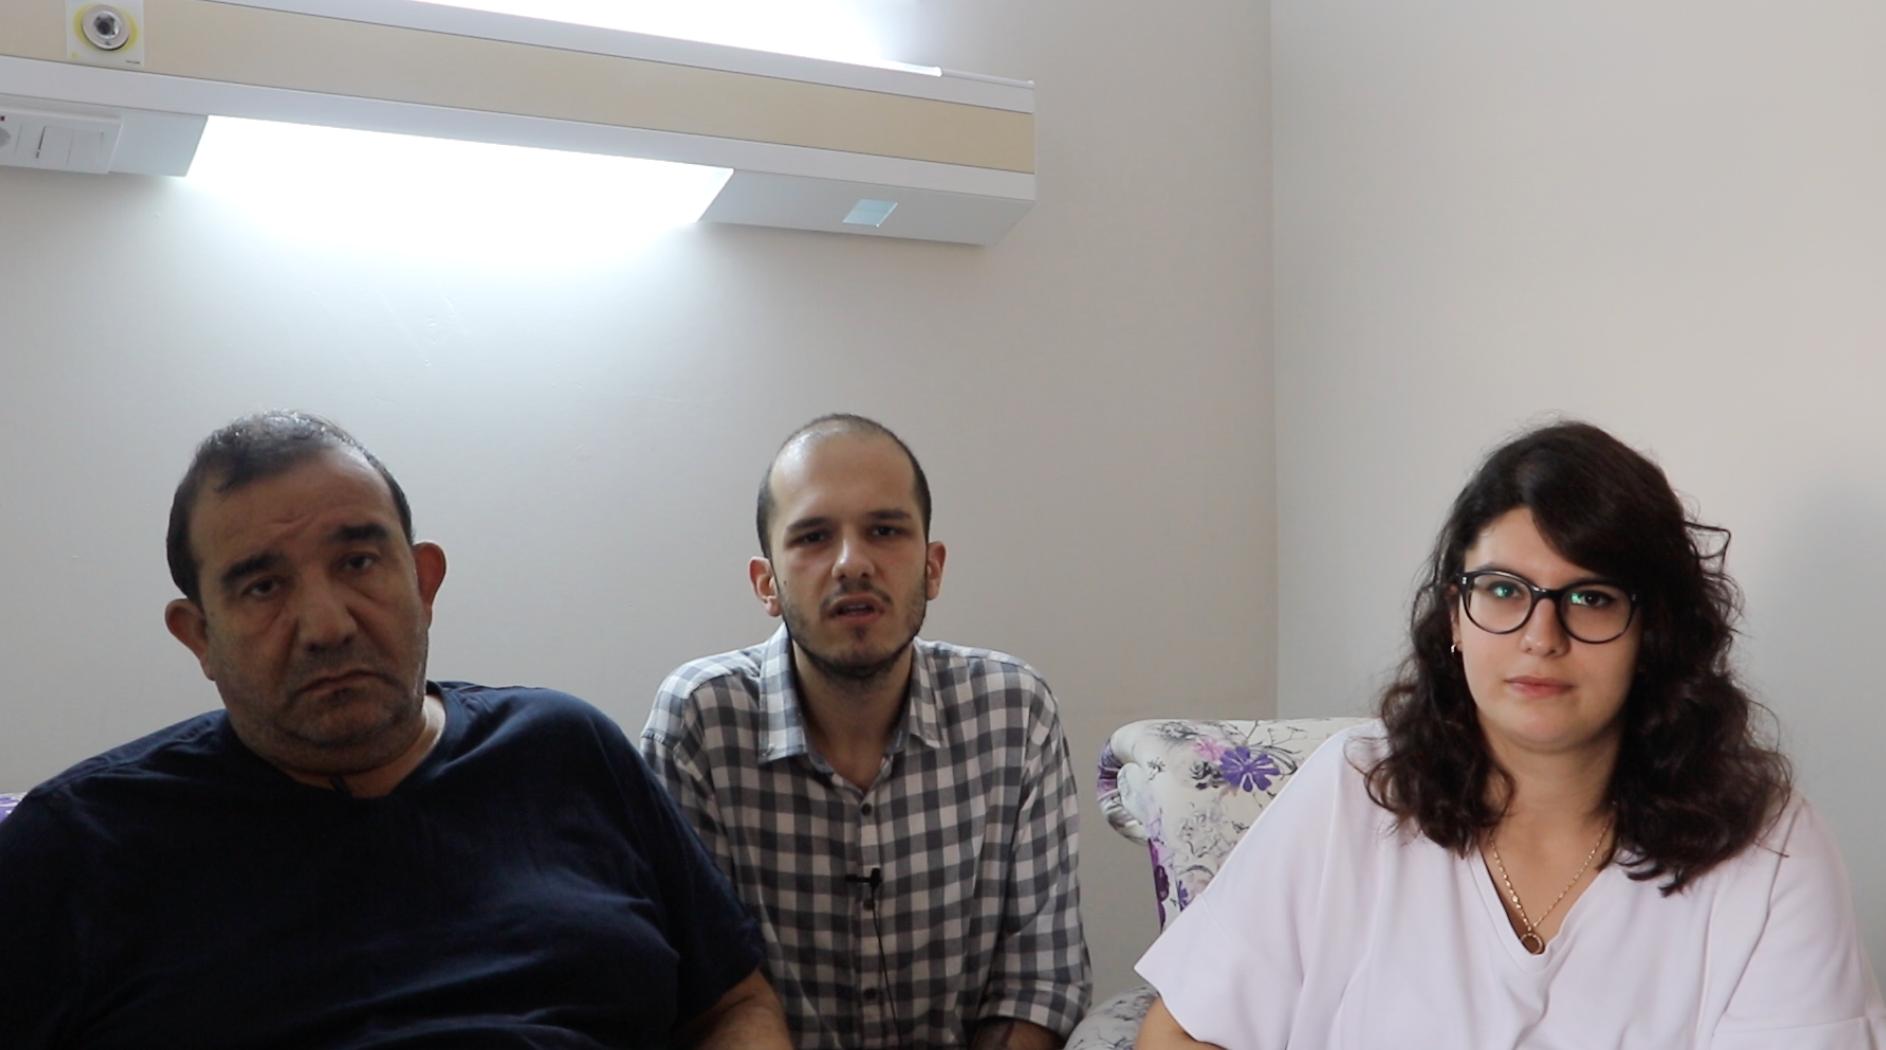 Büyük Anadolu Hastaneleri Obeziteye Çare Oldu